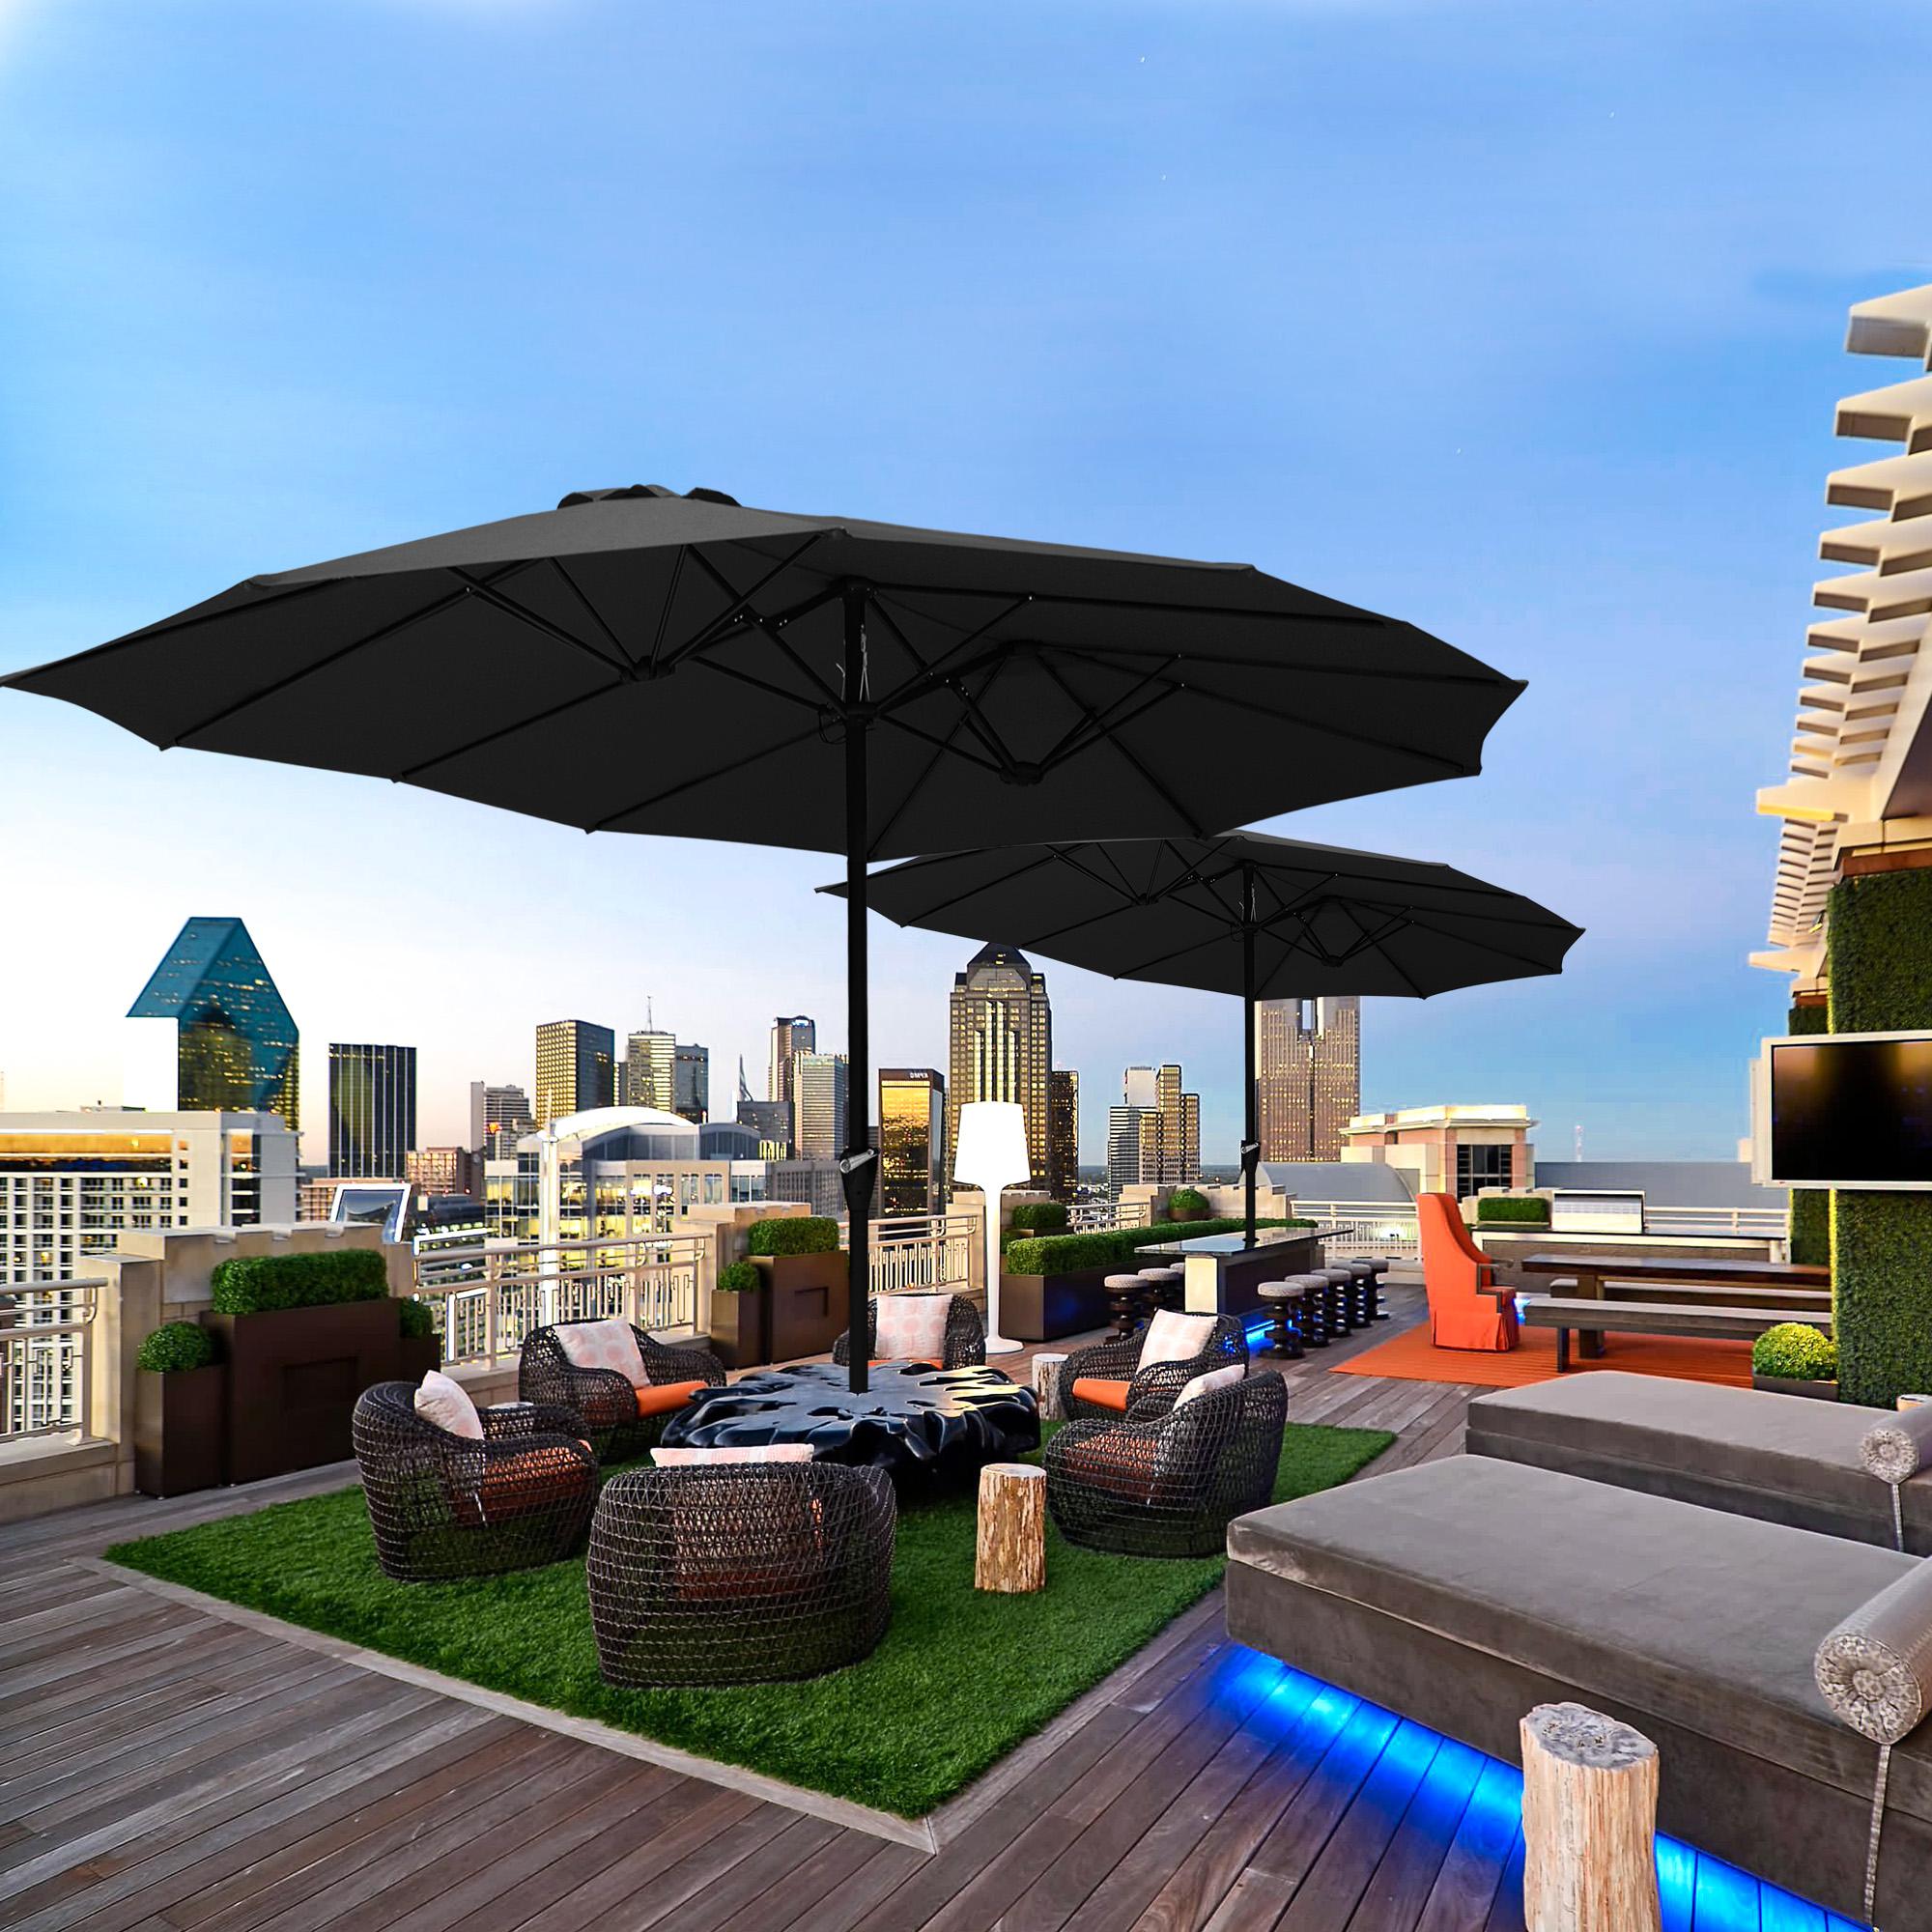 thumbnail 17 - 15ft Patio Twin Umbrella Double-sided Market Crank Outdoor Garden Parasol Shade